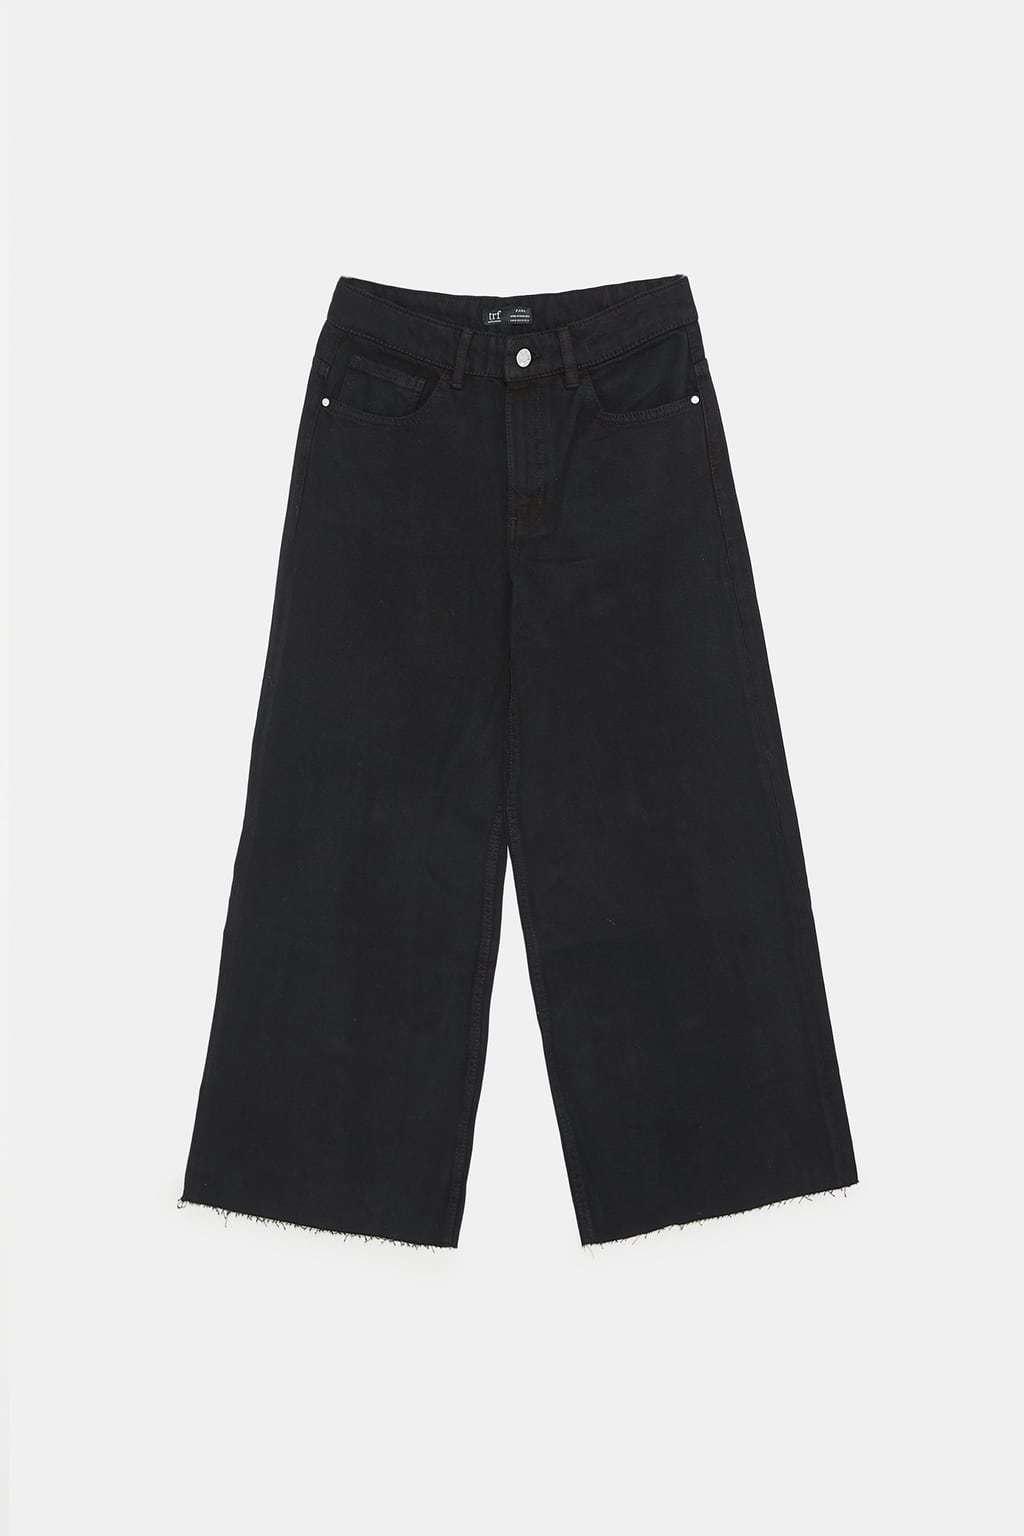 Jeans negros de pata ancha, de Zara (19,95 euros).